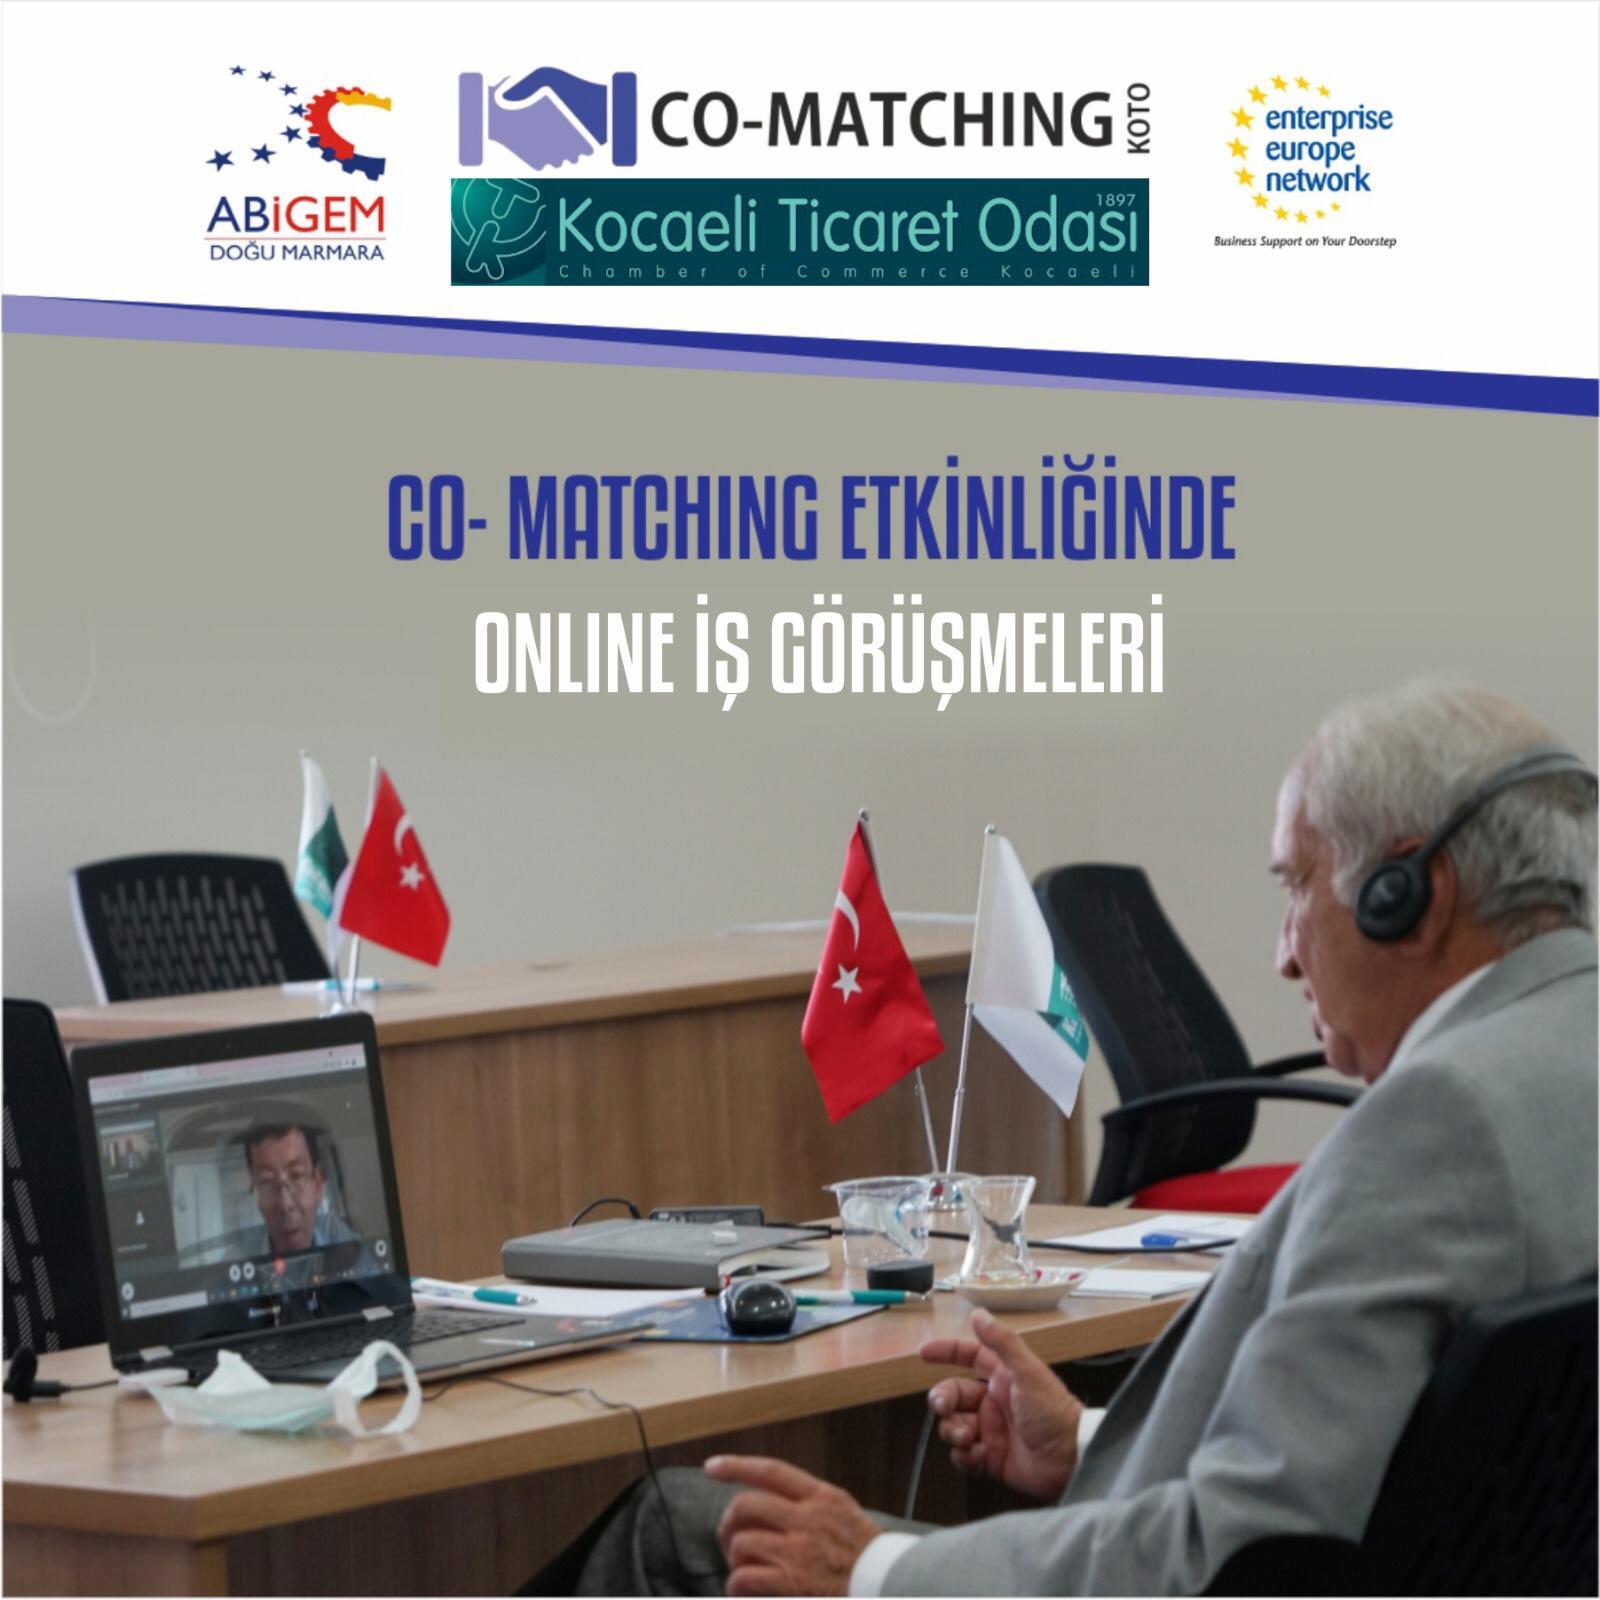 Türk ve yabancı firmalar Co-Matching etkinliğinde online görüşmelerde bulundu